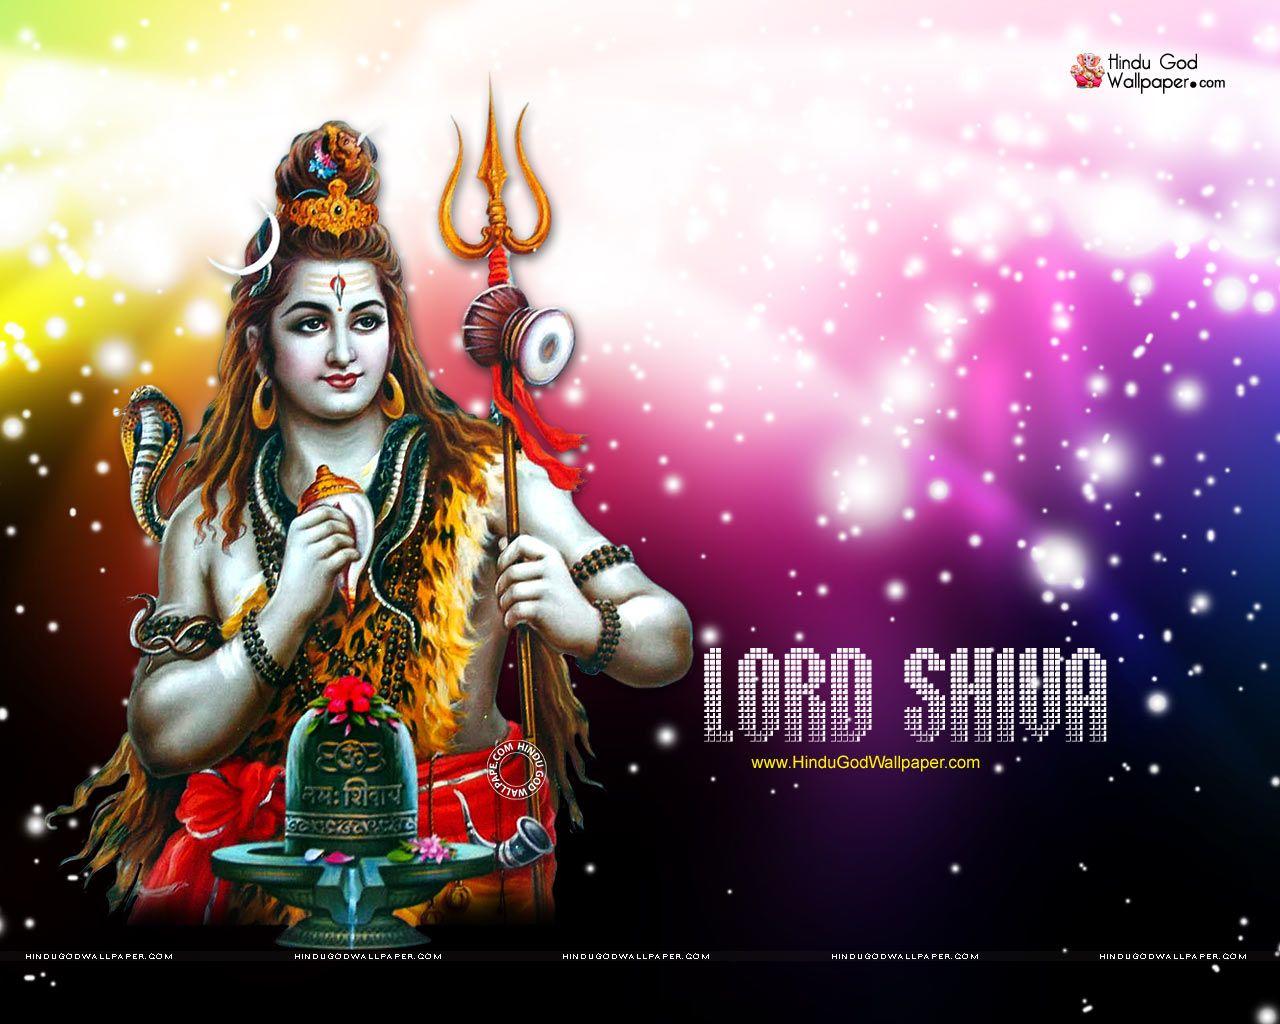 Hd wallpaper shiva - Lord Shiva Wallpaper 1280x1024